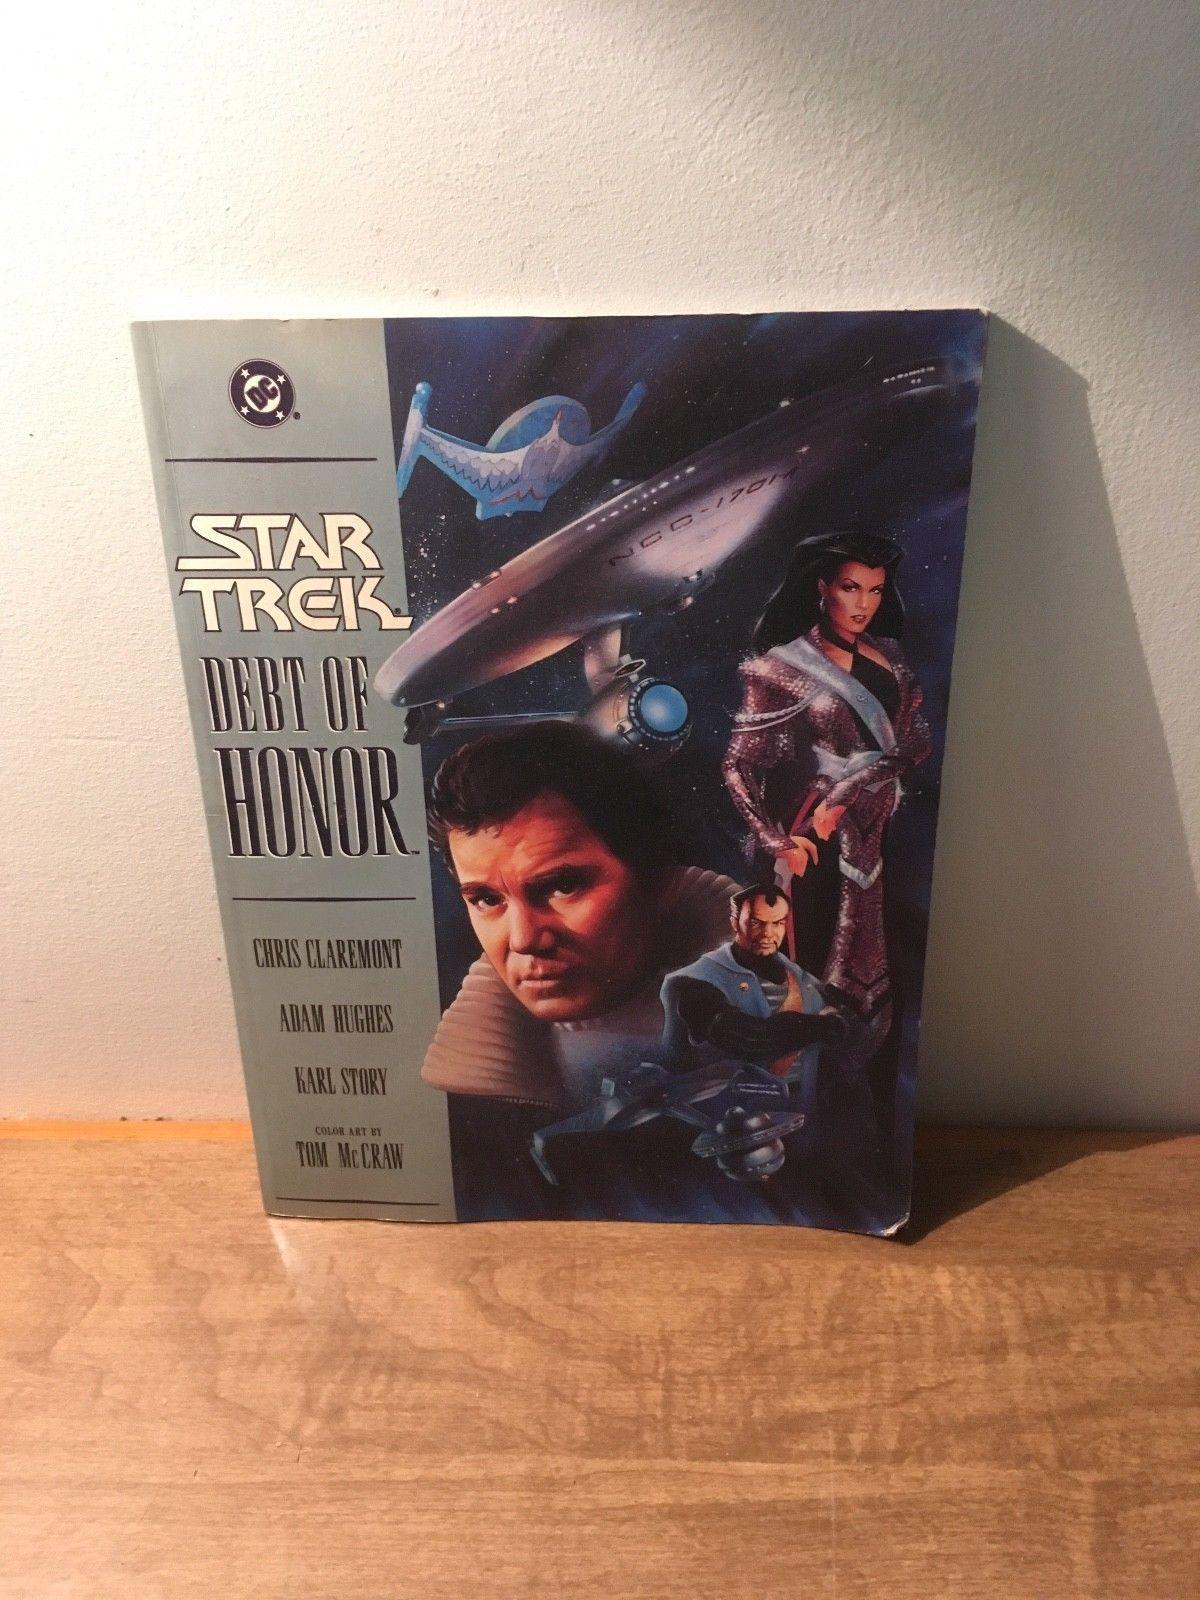 Star Trek: Debt of Honor Paperback Comic Book (1992, PB)